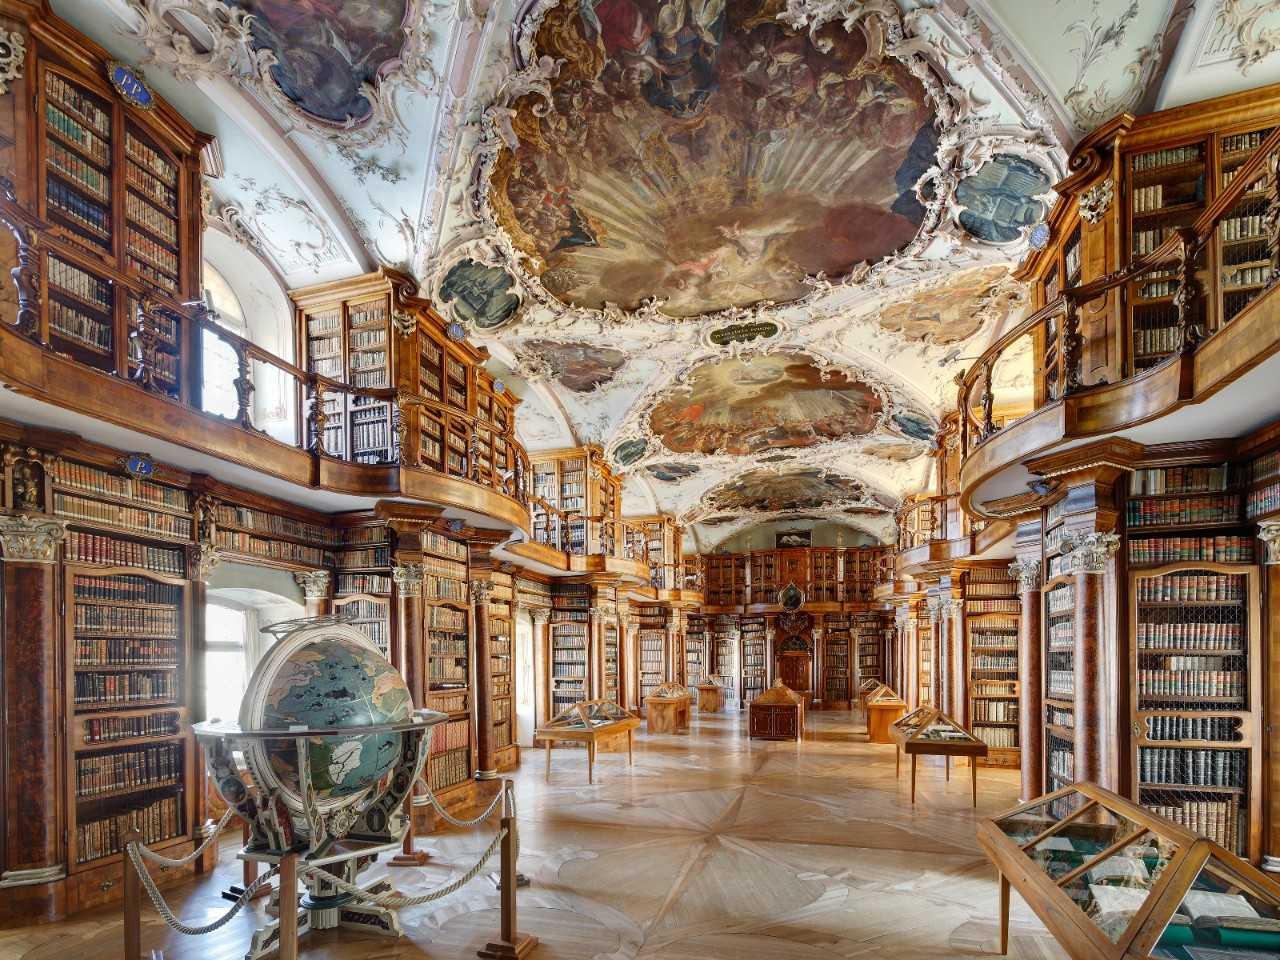 Библиотека аббатства святого Галла, Санкт-Галлен (Швейцария)